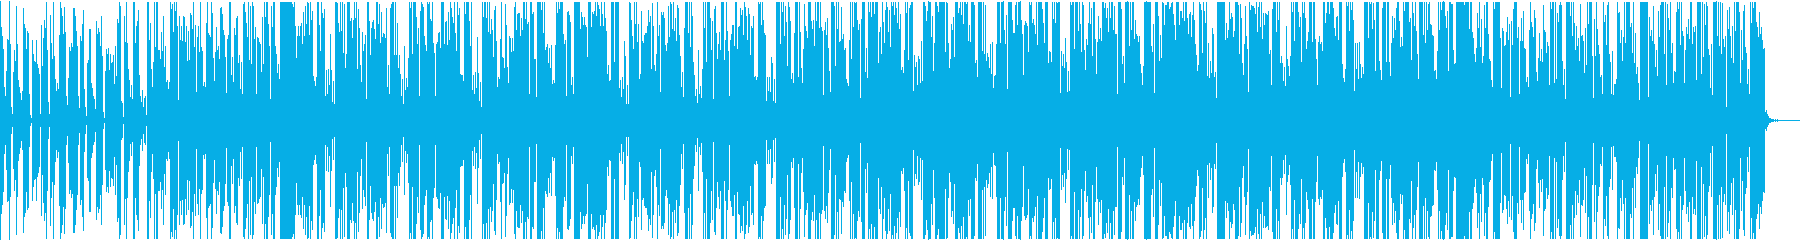 シンセを用いた淡白なテクノ楽曲の再生済みの波形